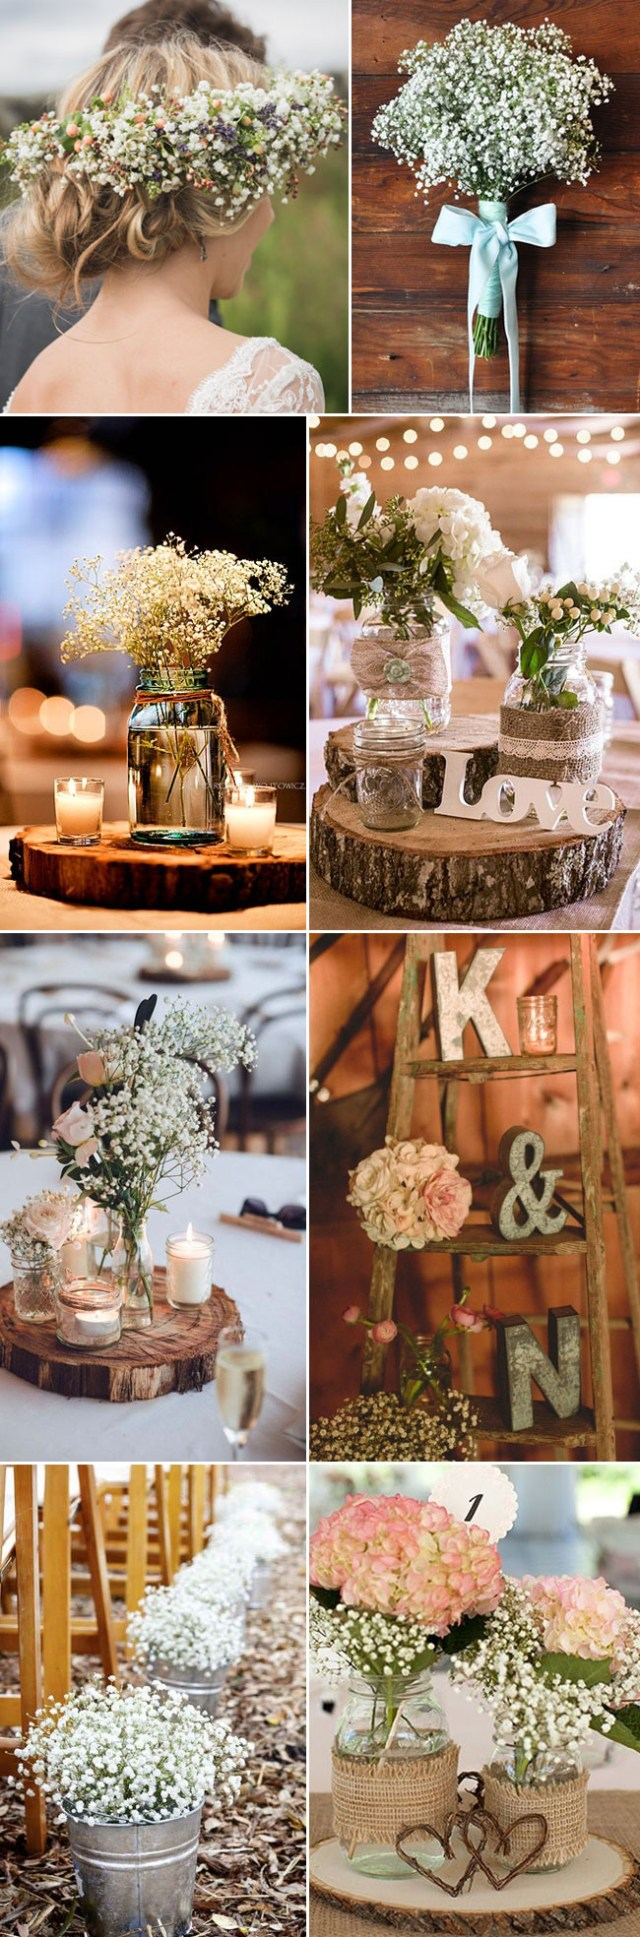 Simple Rustic Wedding Decor 50 Rustic Fall Barn Wedding Ideas That Will Take Your Breath Away